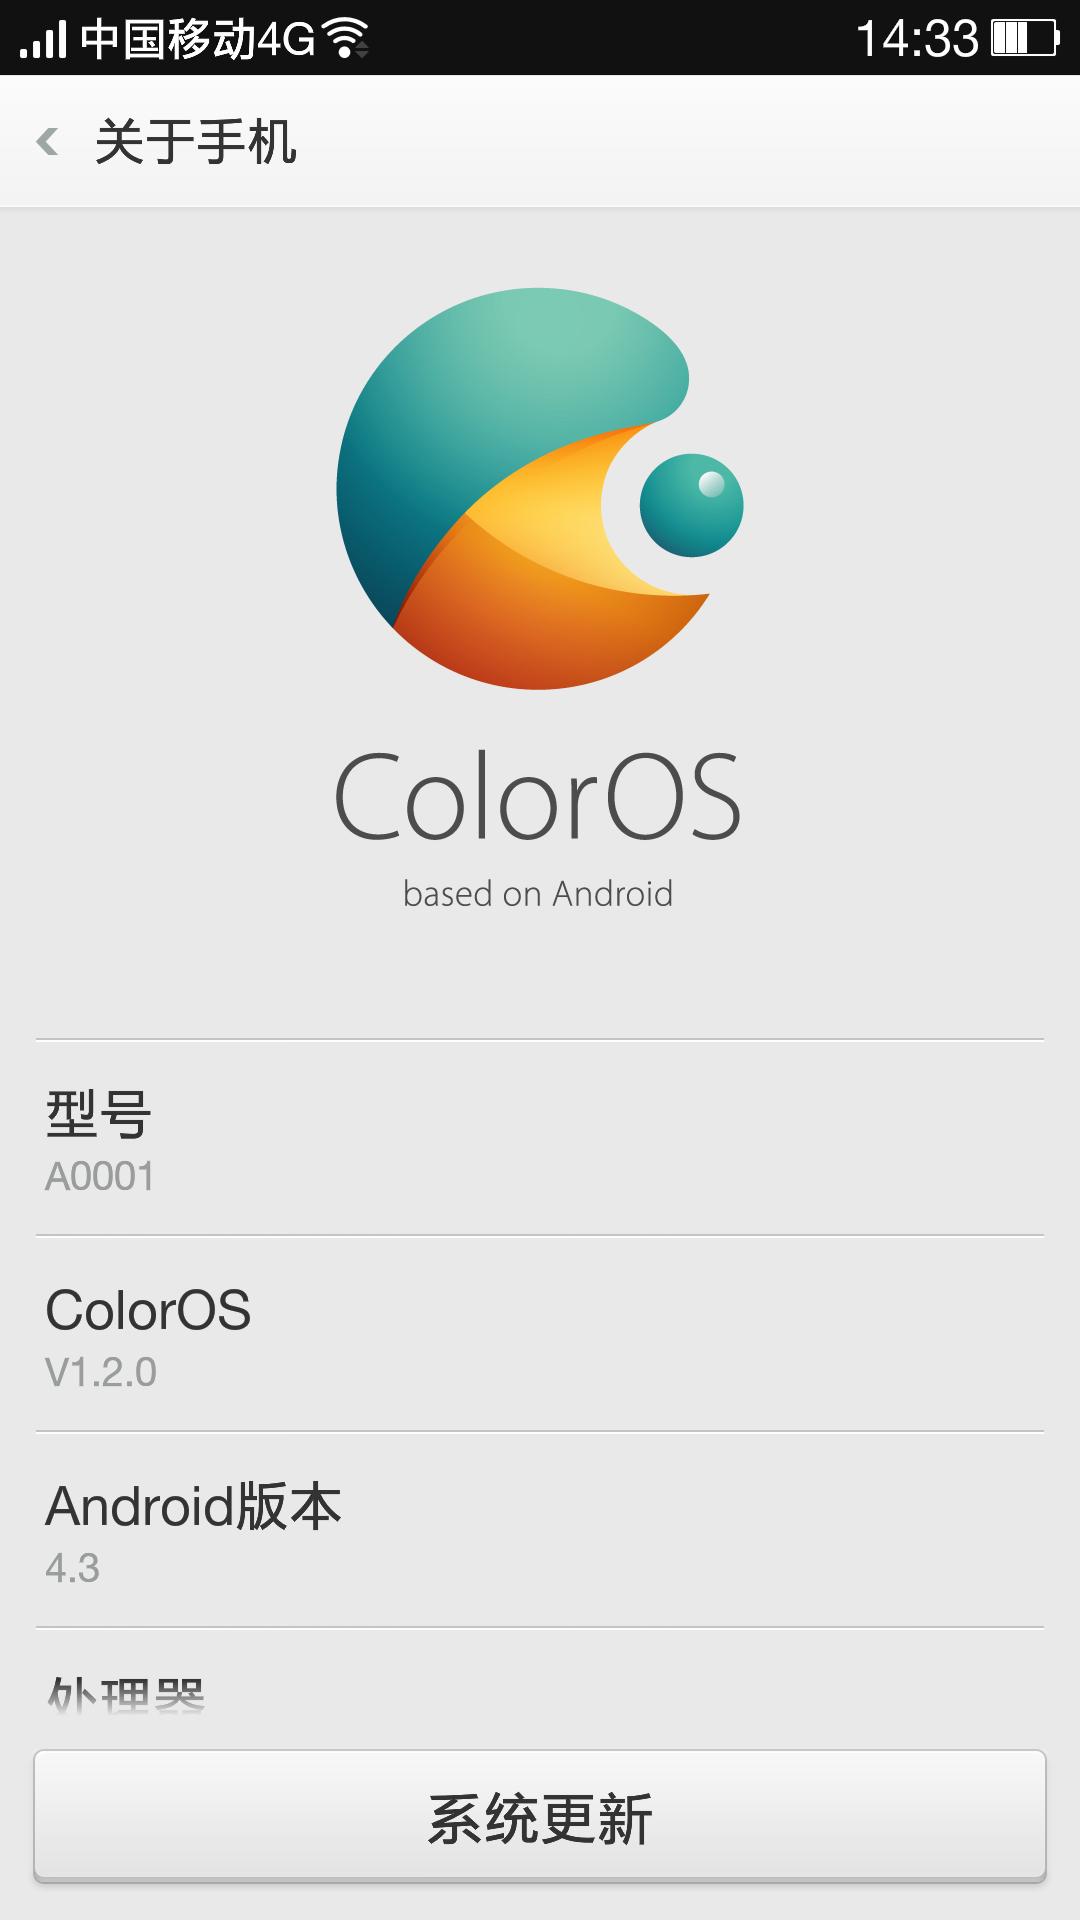 ColorOS V1.2.0安卓4.3